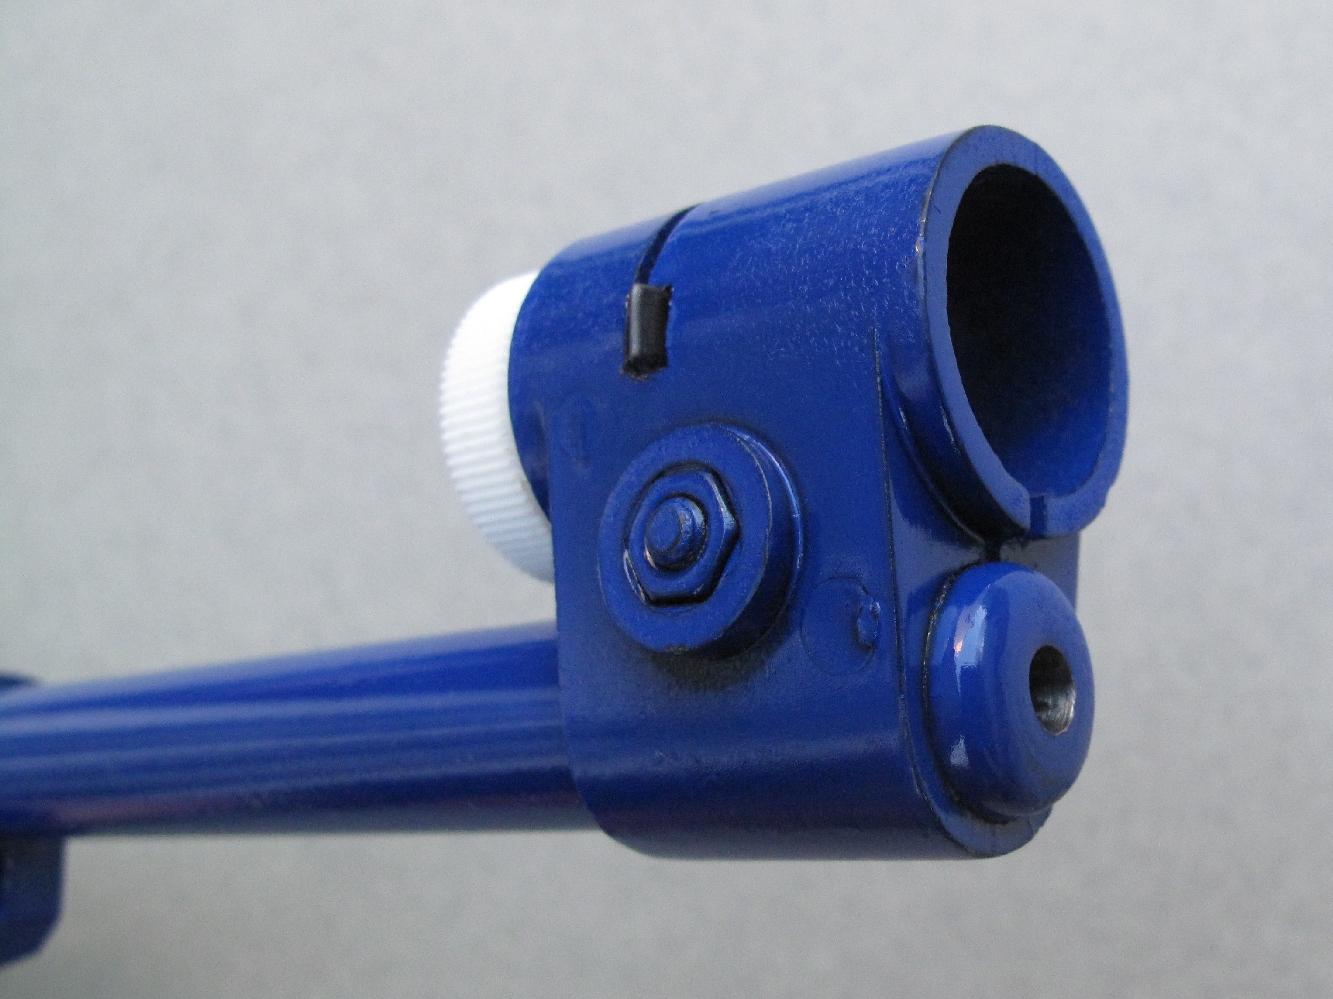 Le modèle PA est doté d'un guidon à tunnel recevant des inserts interchangeables et fixé sur le canon par une vis permettant d'en régler l'orientation.